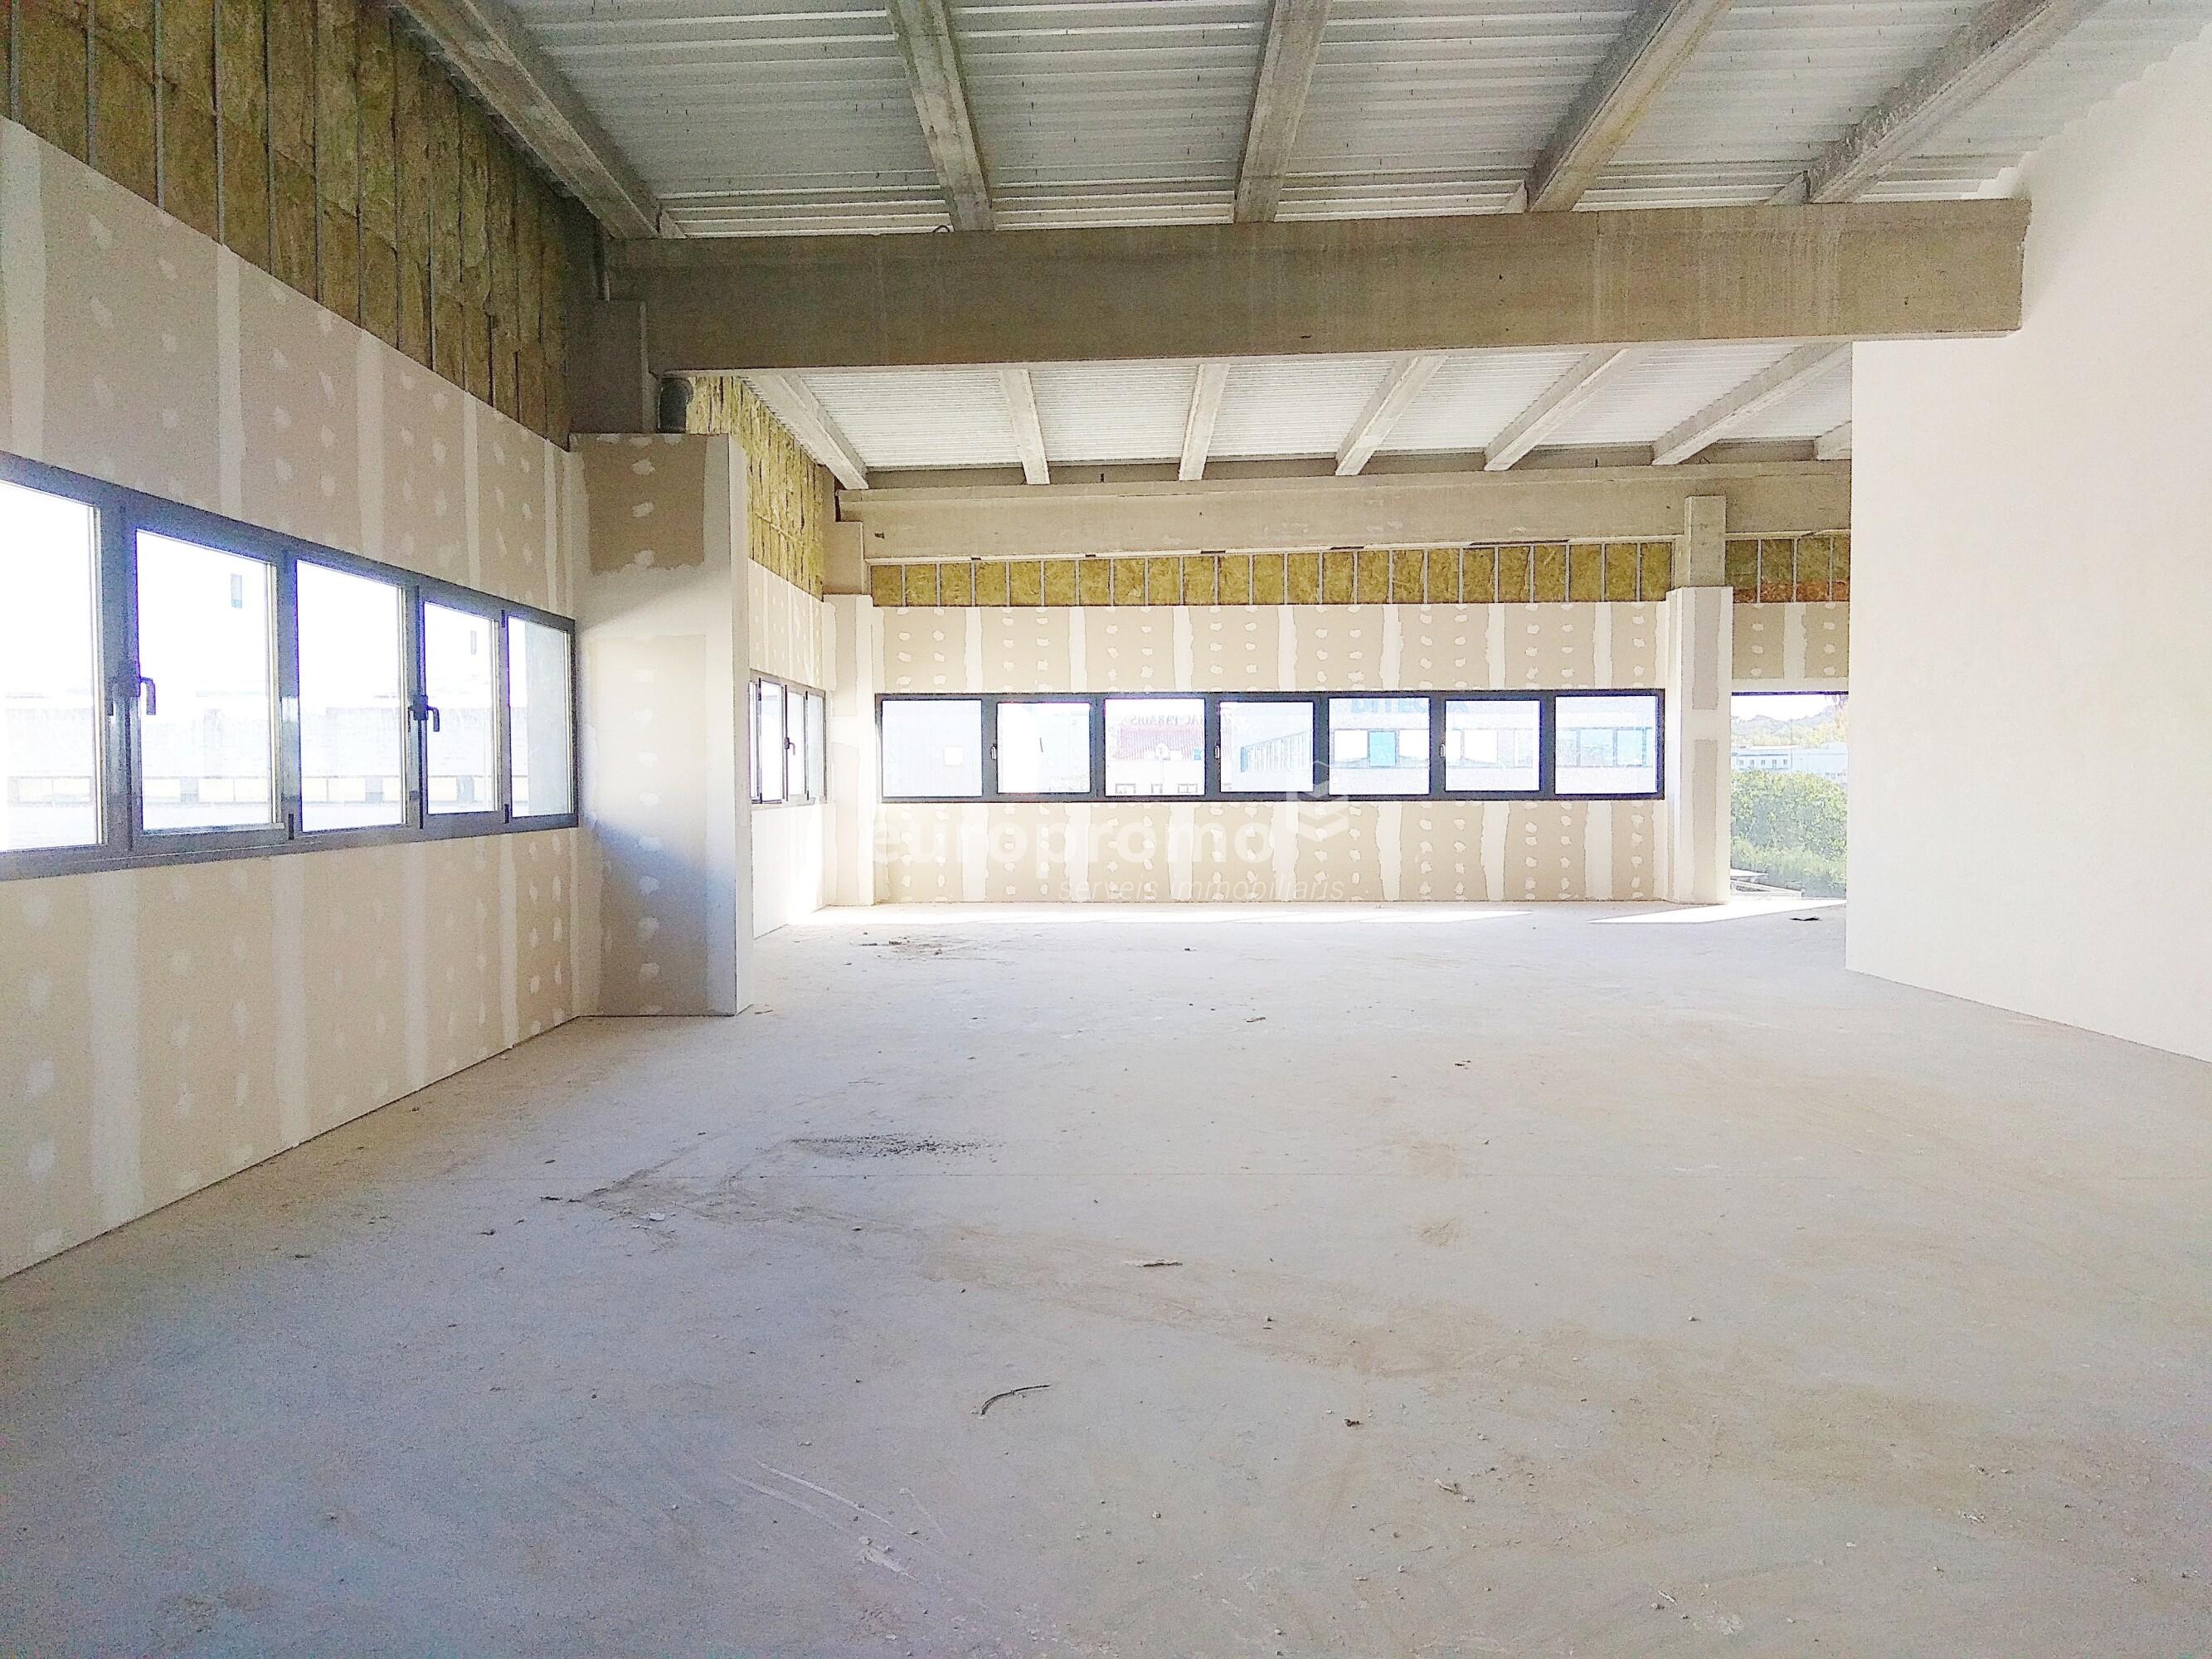 Local de 650 m² molt ben situada a Mas Xirgu!!